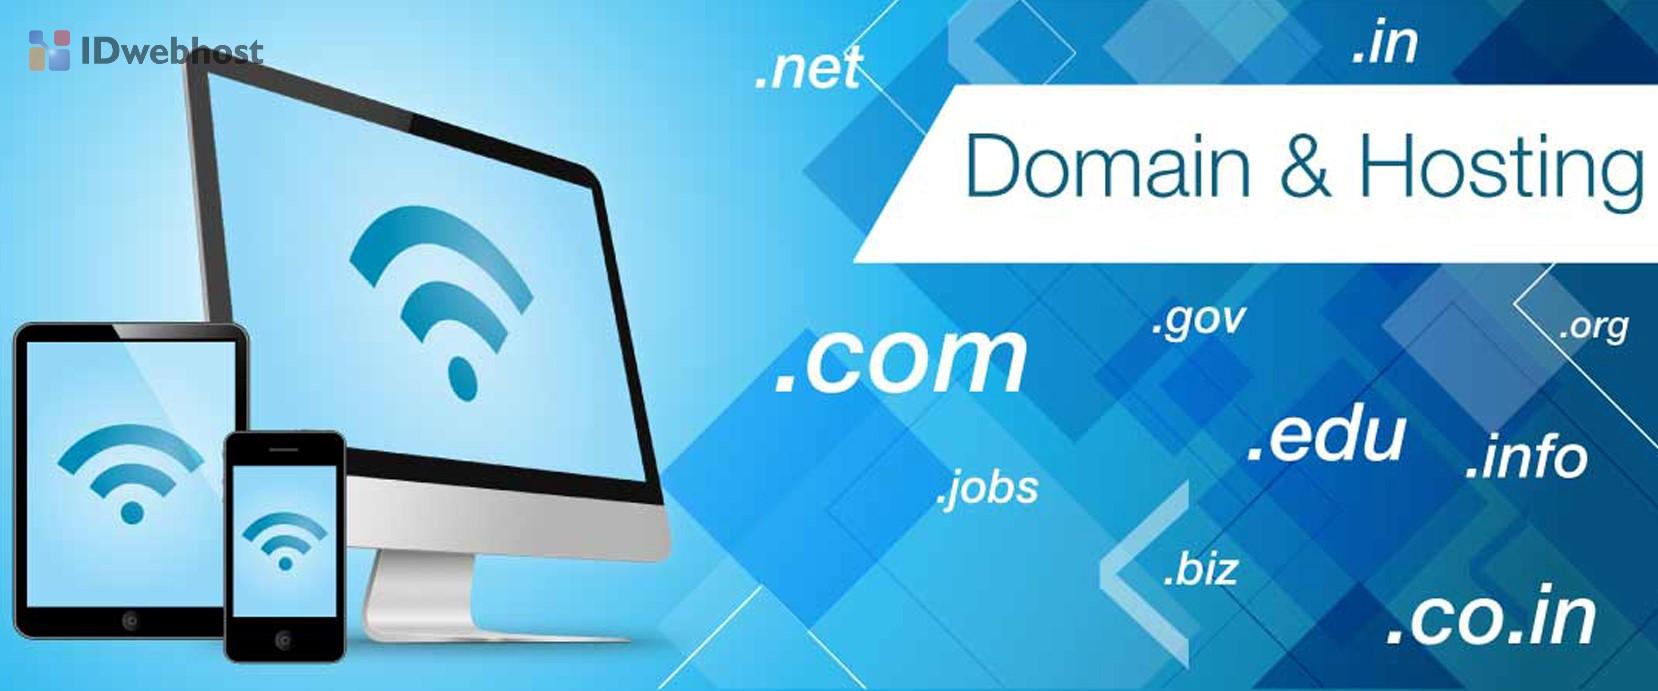 Ini Keuntungan Beli Hosting dan Domain Sekaligus!